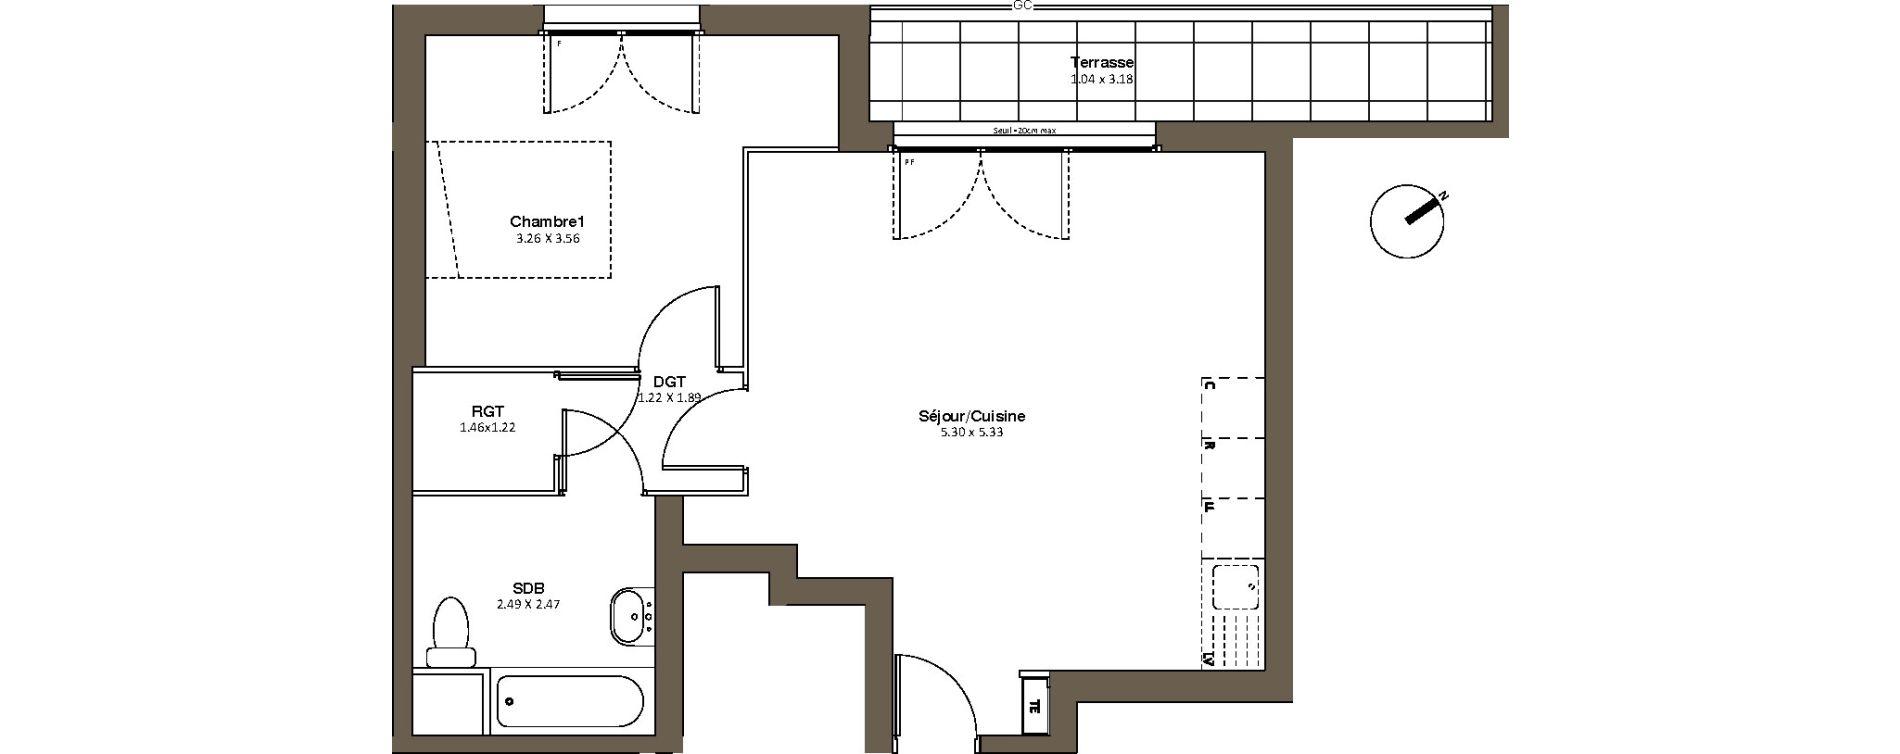 Appartement T2 de 51,49 m2 à Drancy L'economie